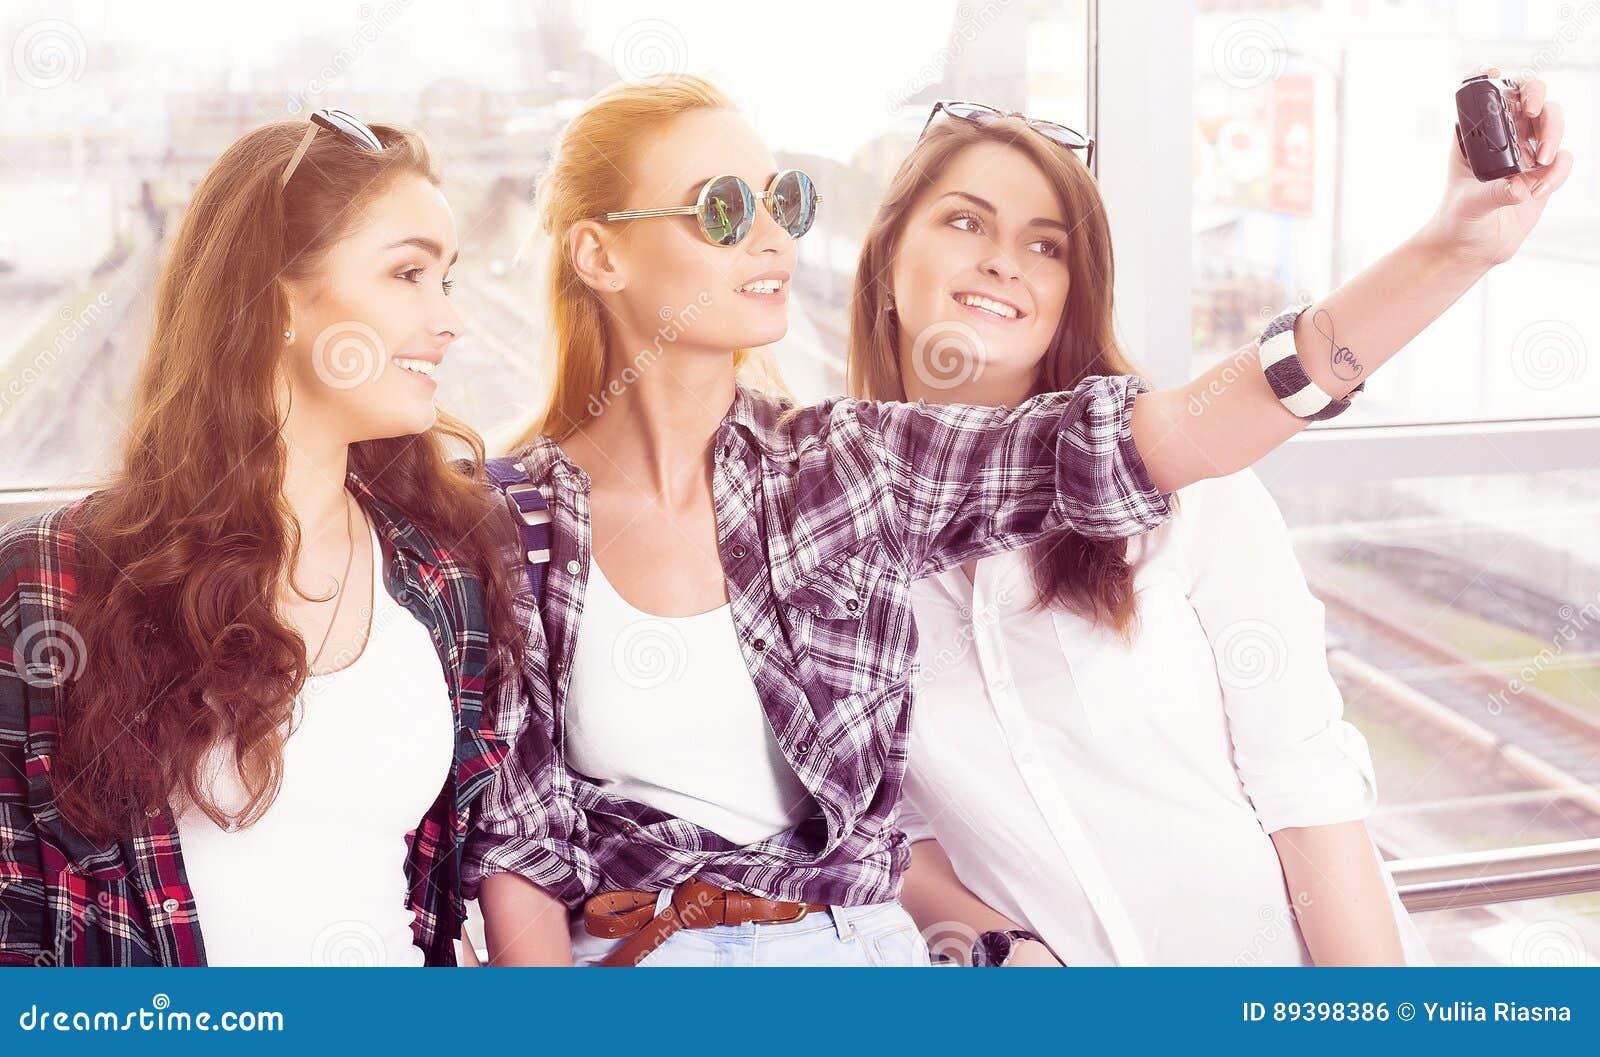 De Sol Selfie Gafas Tres Jóvenes Las La Que Chicas Hacen El En 0wNnOk8PX